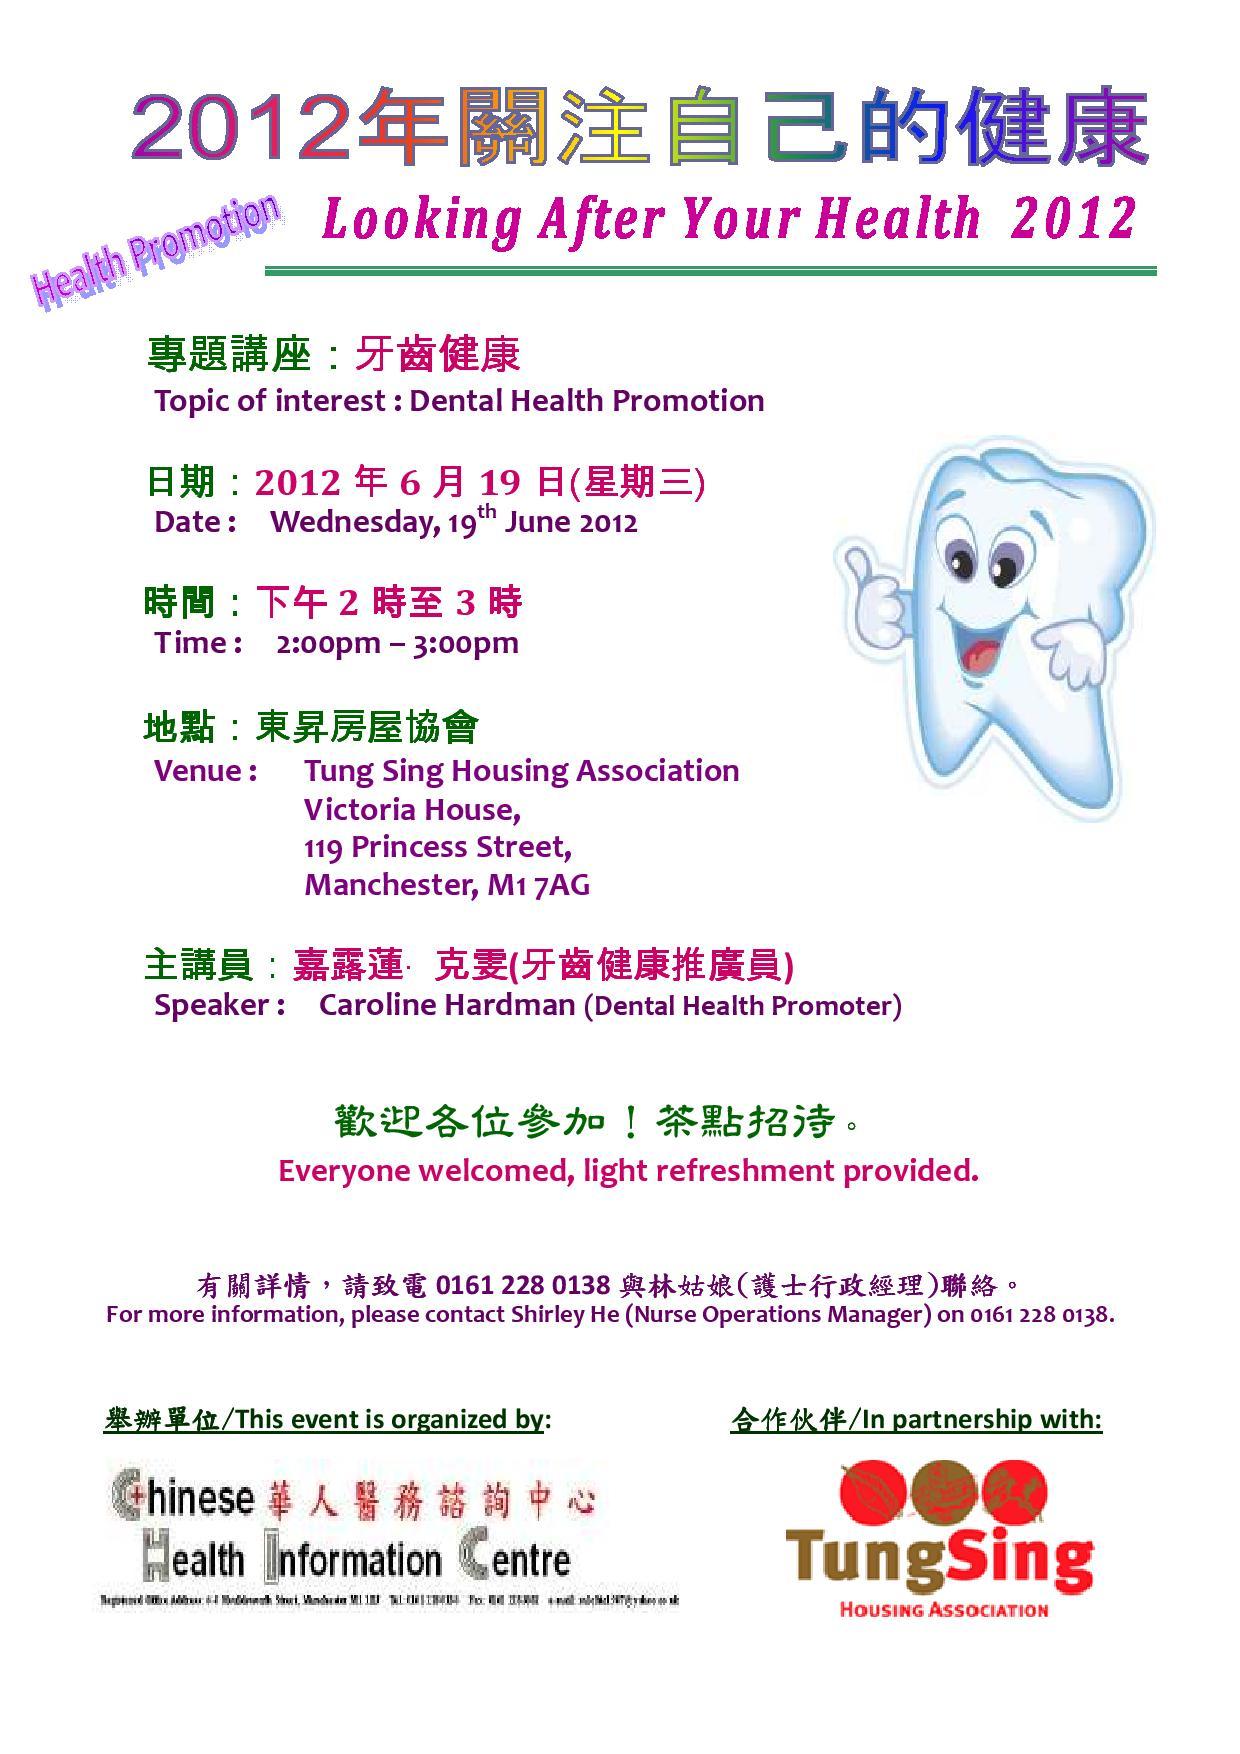 Dental Health Promotion